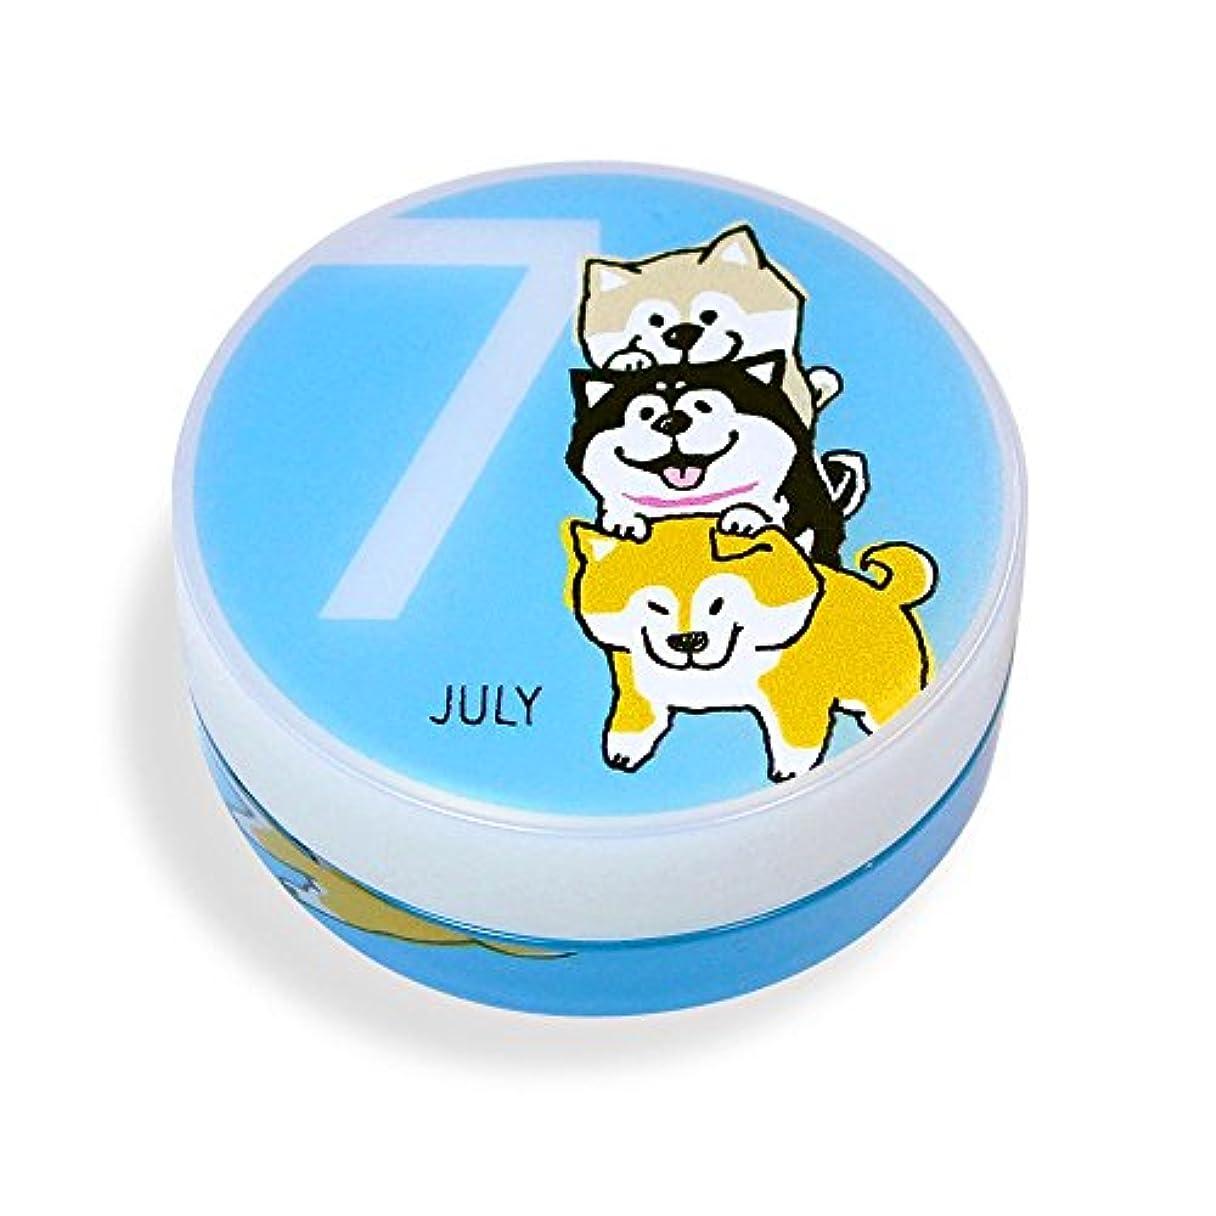 寸法ライナーぴかぴかしばんばん フルプルクリーム 誕生月シリーズ 7月 20g